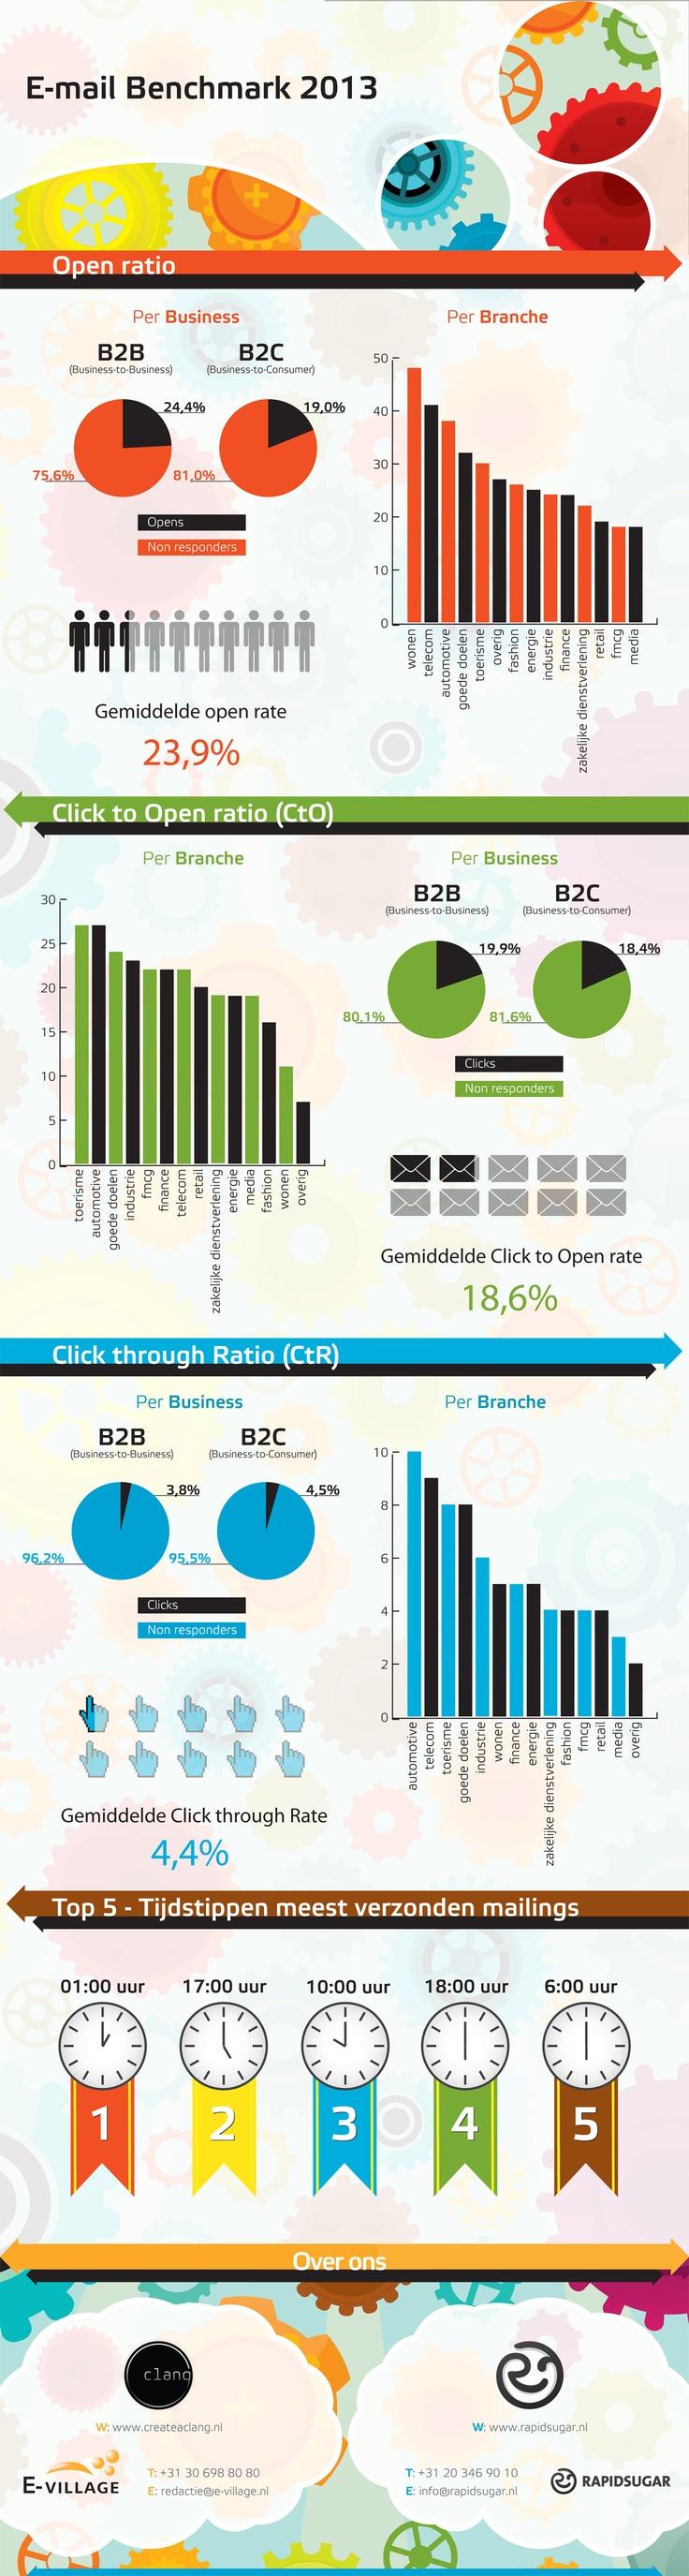 Het meetbare resultaat van een e-mailcampagne [infographic] | C-Works!